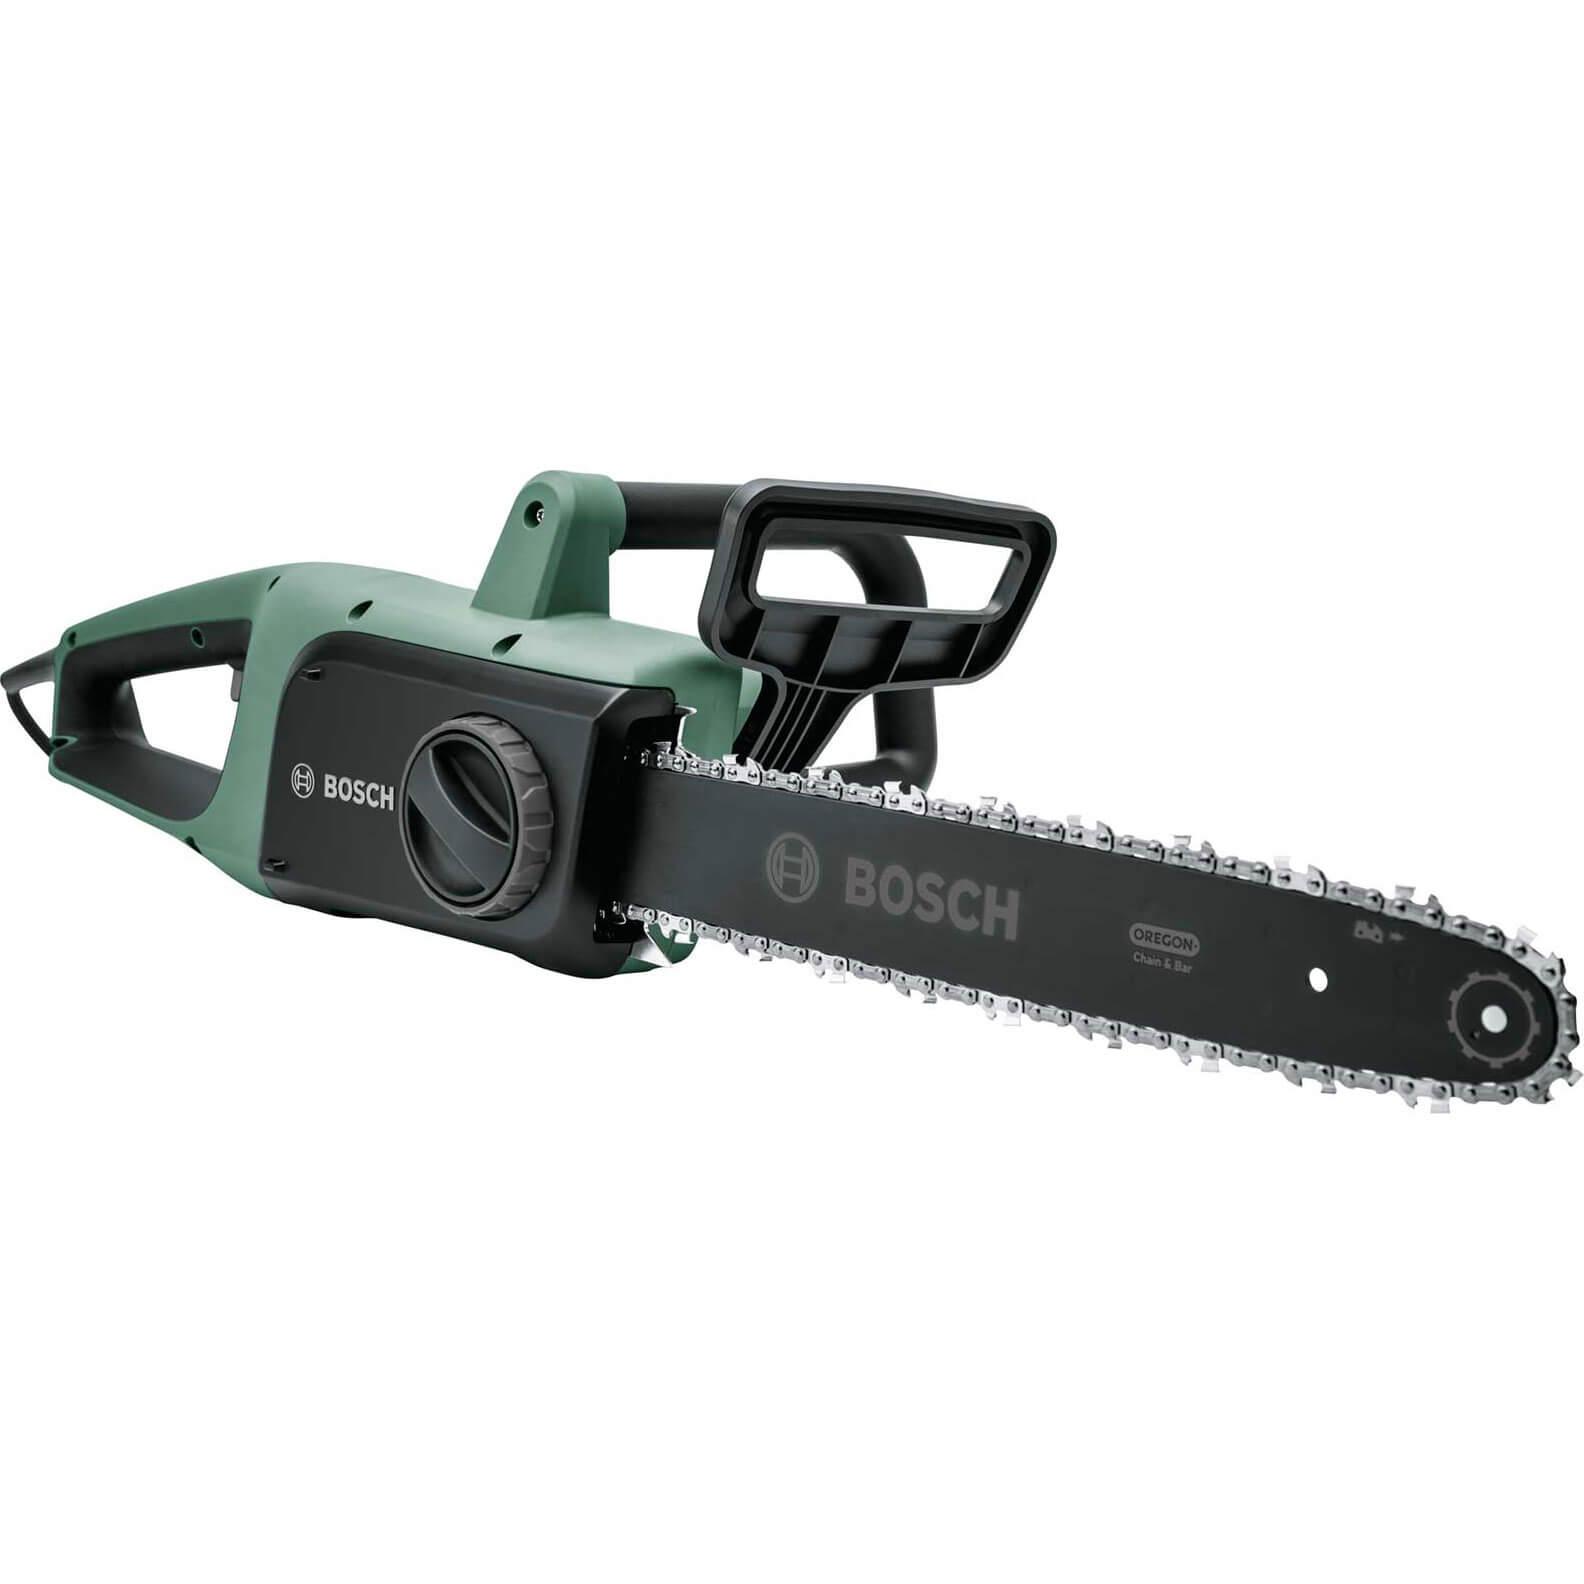 Bosch UNIVERSALCHAIN 35 SDS Chainsaw 350mm